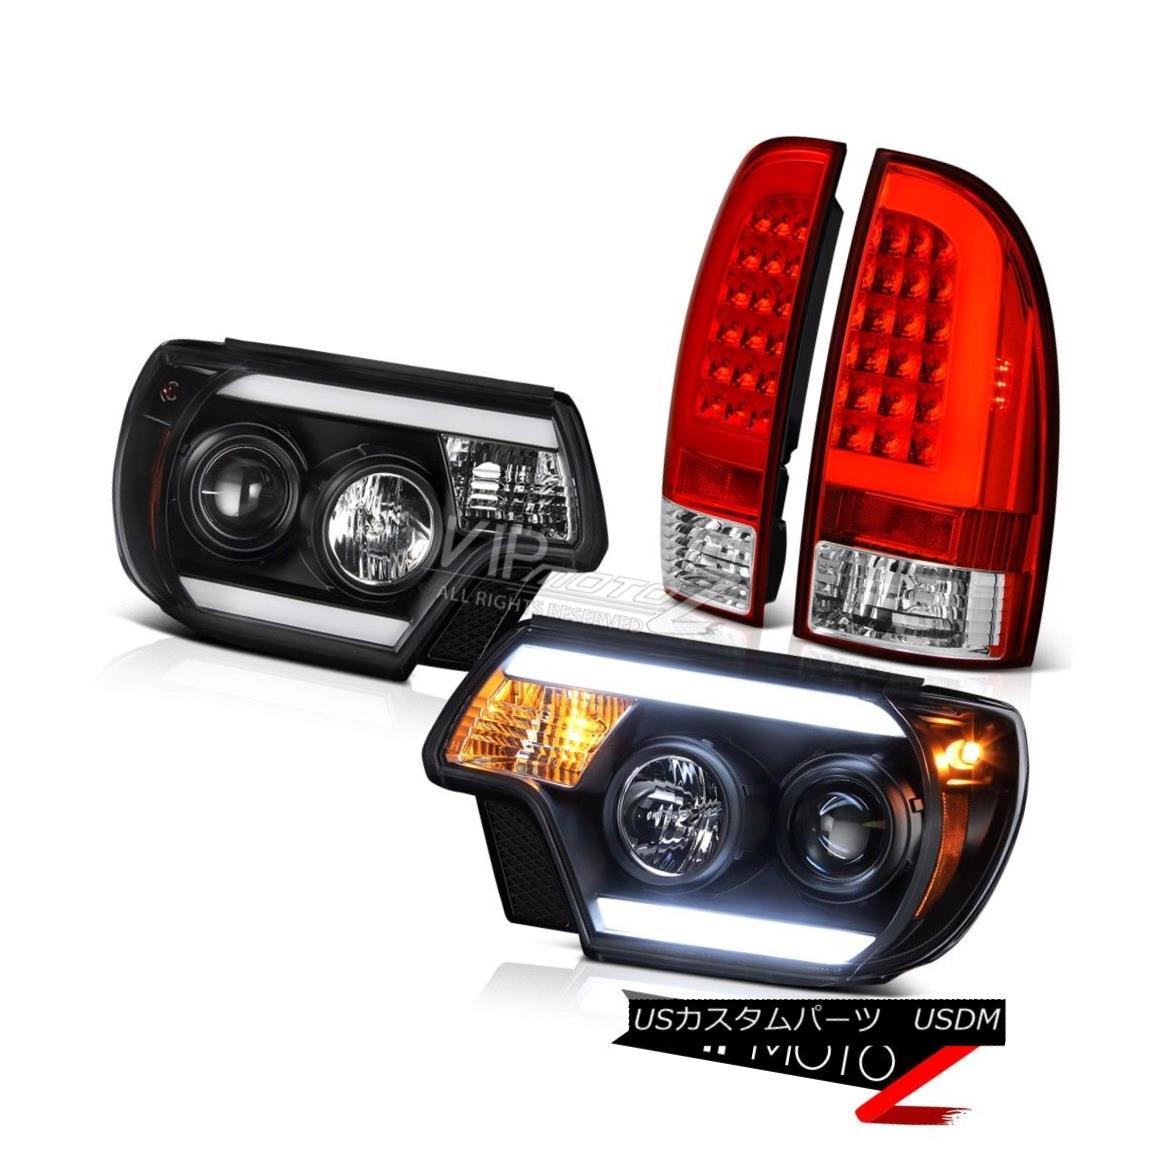 ヘッドライト 12-15 Toyota Tacoma Tail Inky Black Headlamps Replacement Tron Style Brightest 12-15トヨタタコマテールインキブラックヘッドランプ交換トロンスタイルブライト